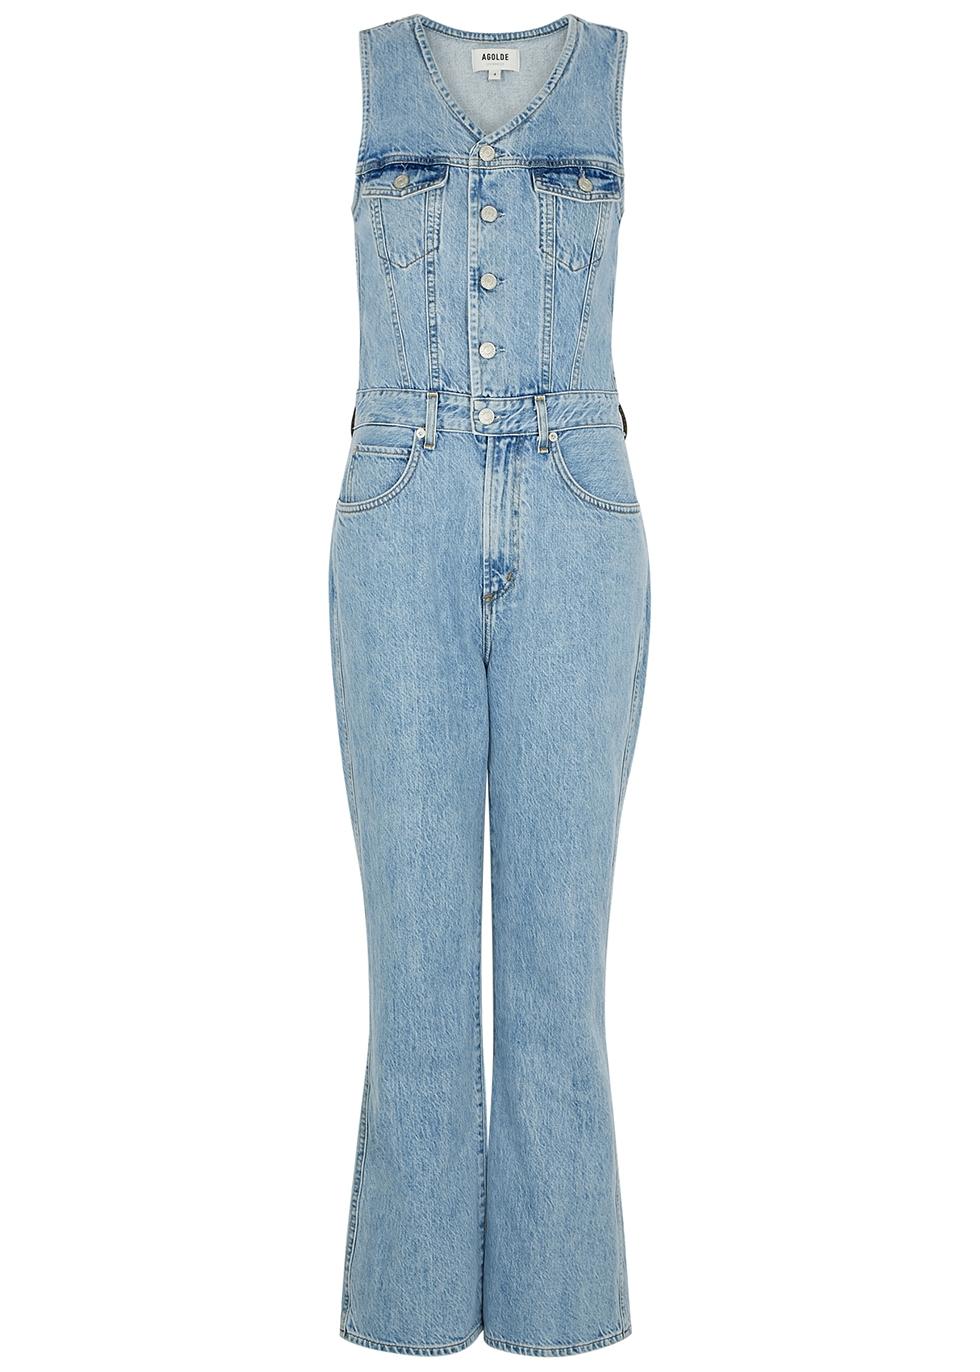 70's blue denim jumpsuit